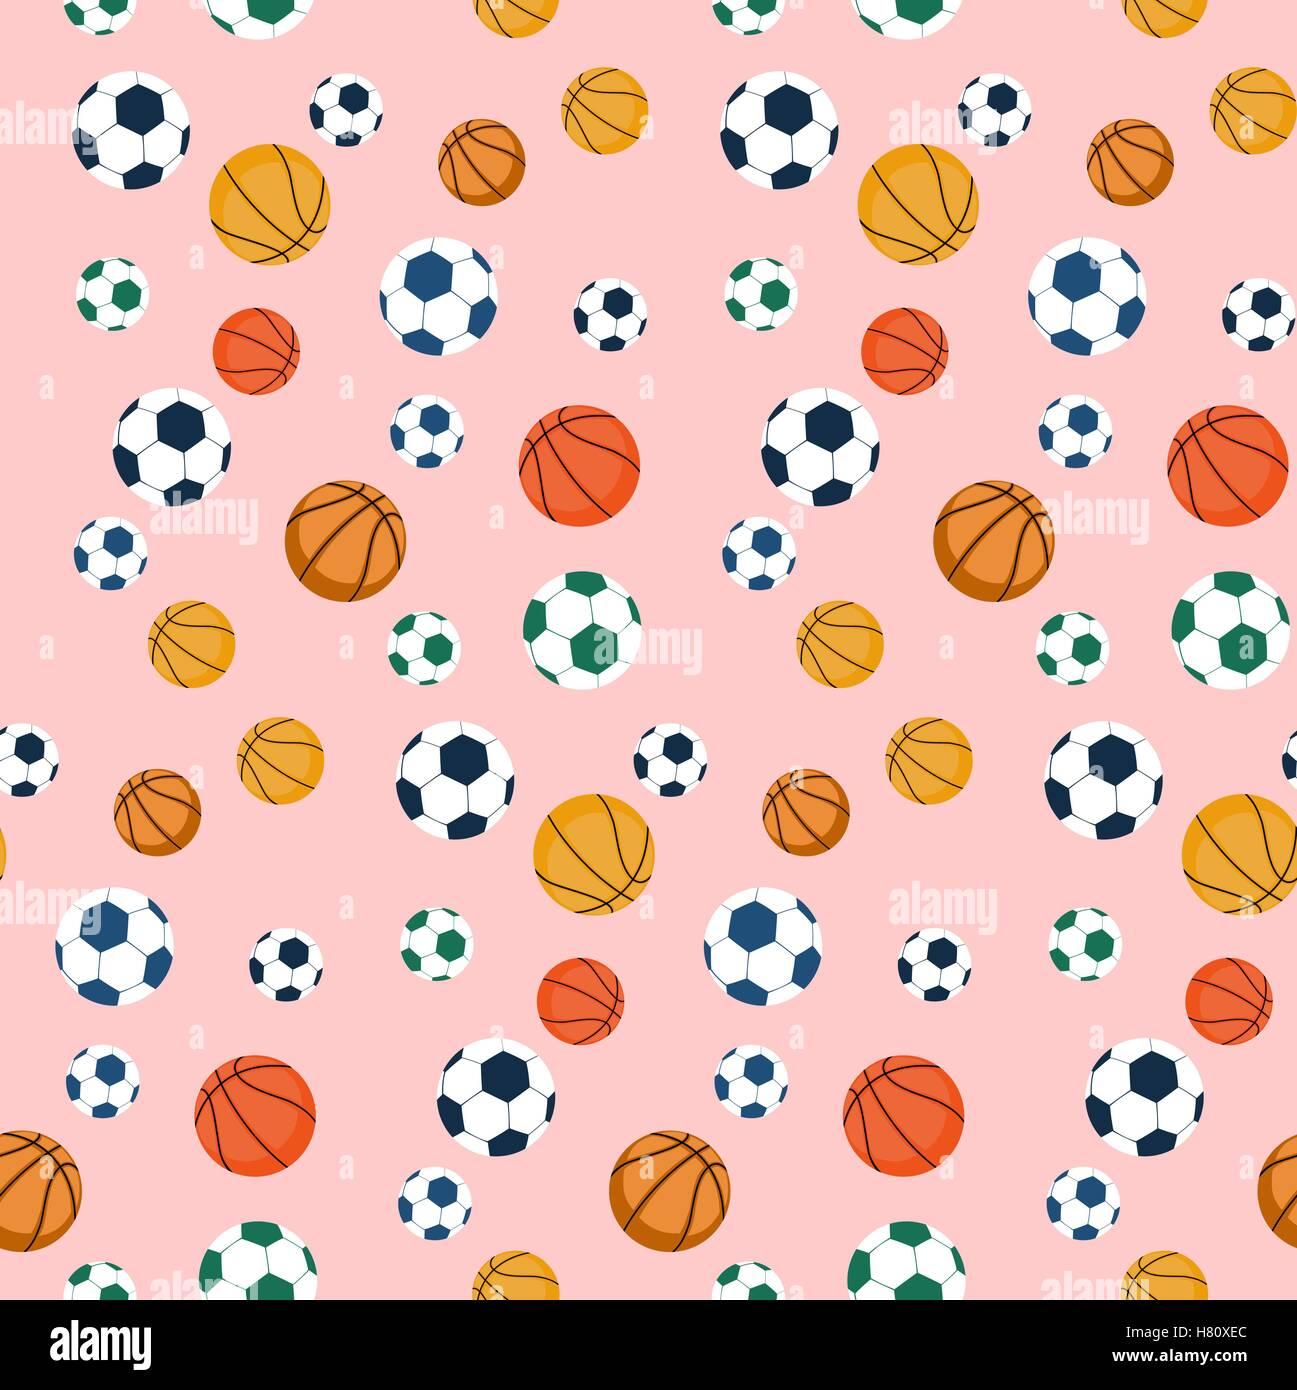 Balones deportivos patrón sin fisuras.pelotas de fútbol y baloncesto.  Fotografía de Stock de c201db13f436a